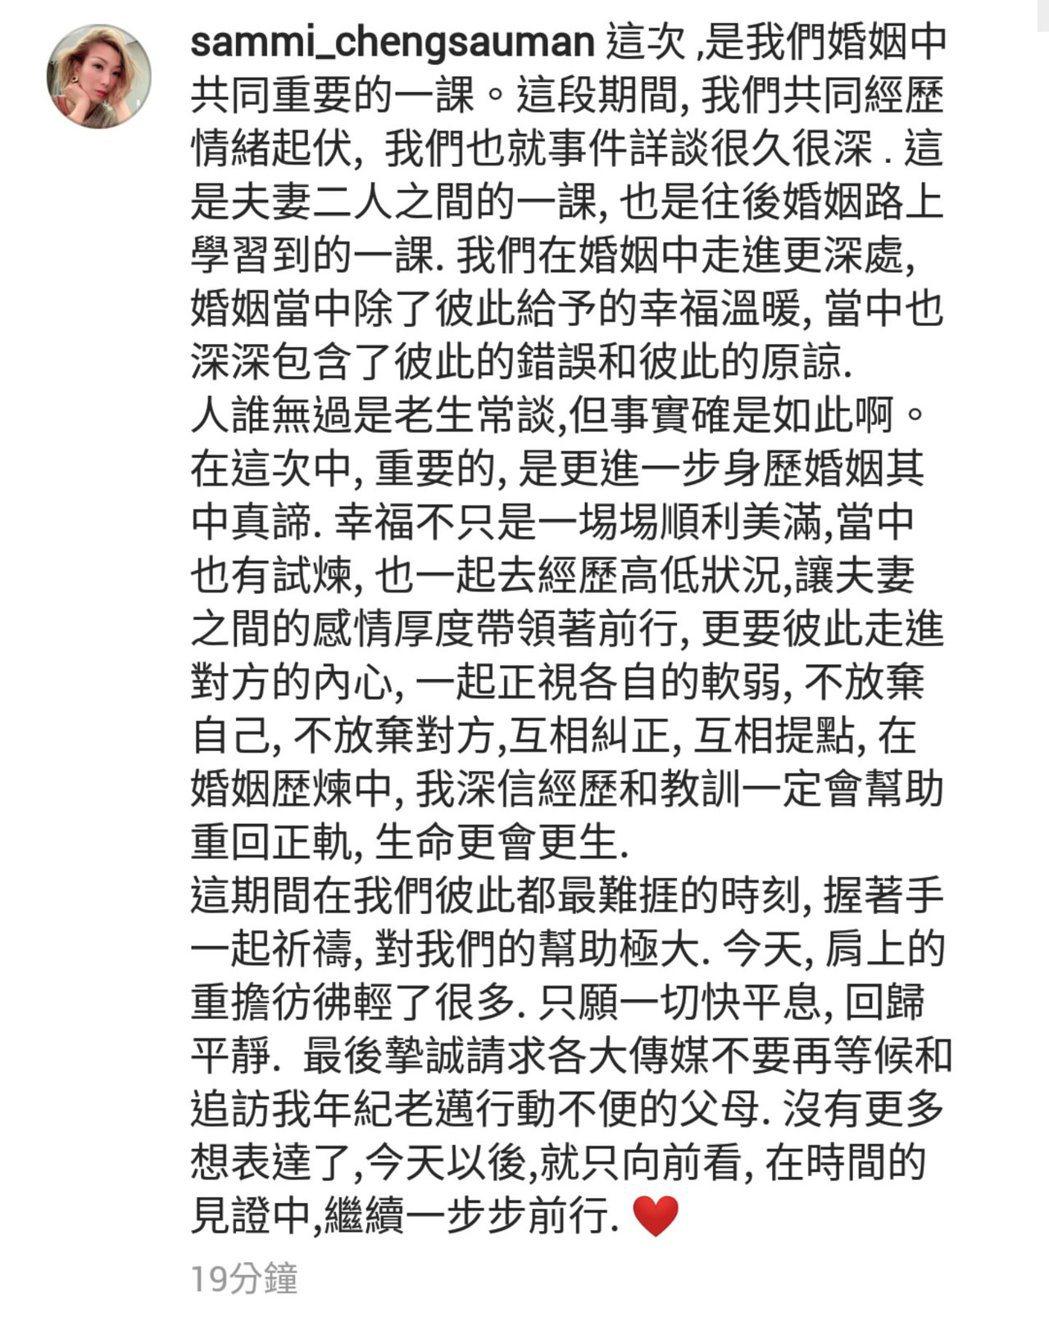 許志安偷吃事件爆發後,鄭秀文首度發文。 圖/摘自IG